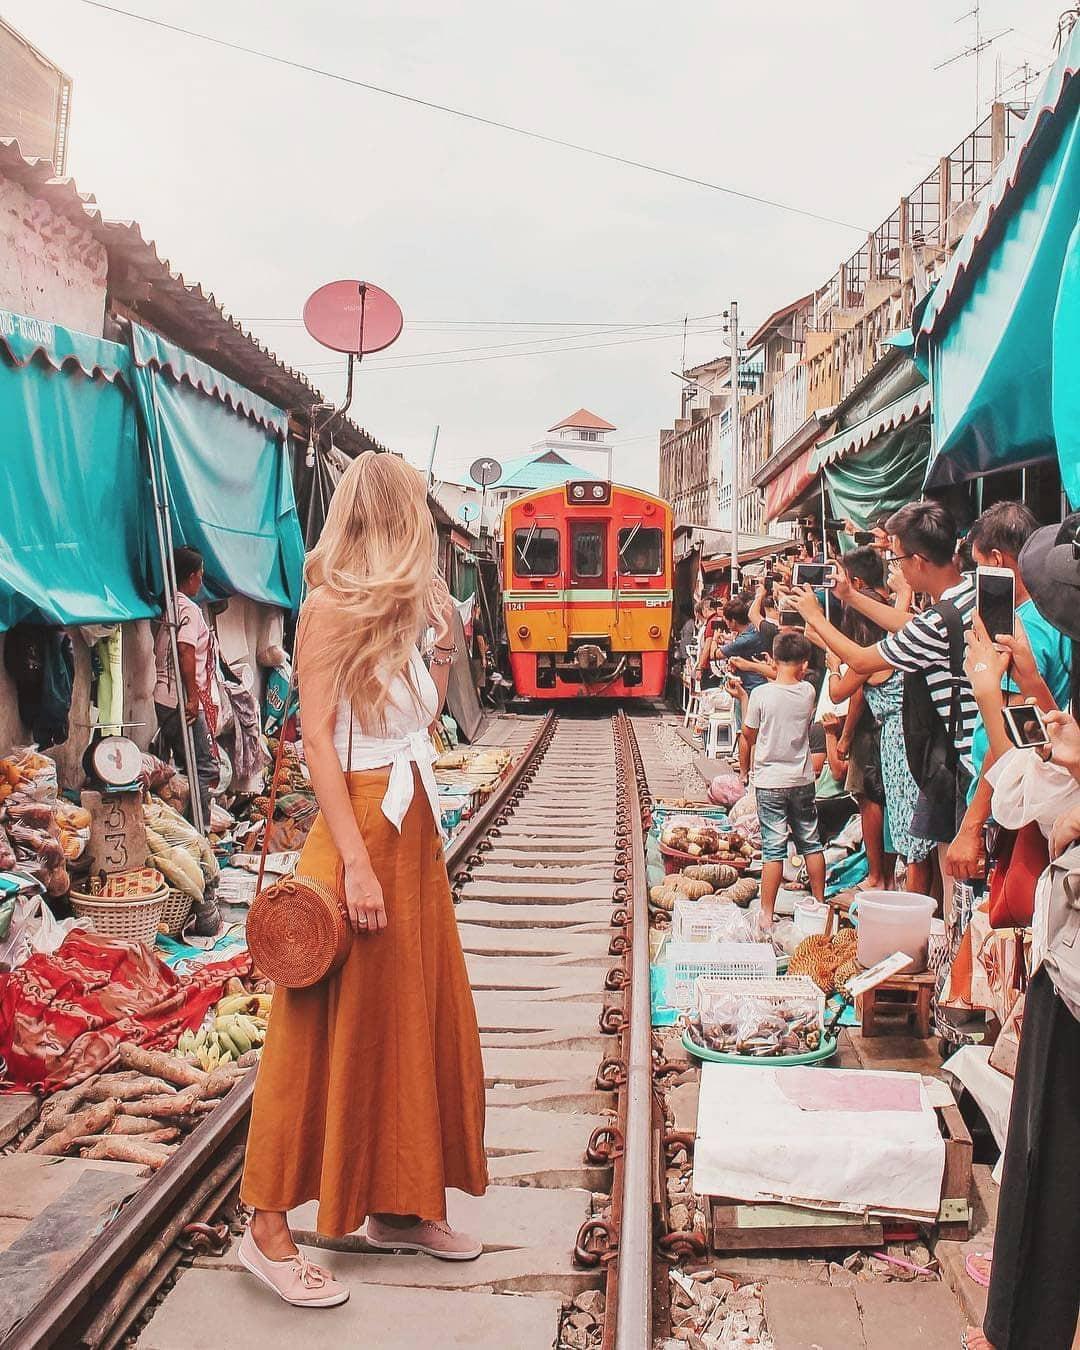 Đã dò ra đường đến khu chợ đường ray độc nhất vô nhị nằm ở ngoại ô Bangkok - Ảnh 2.